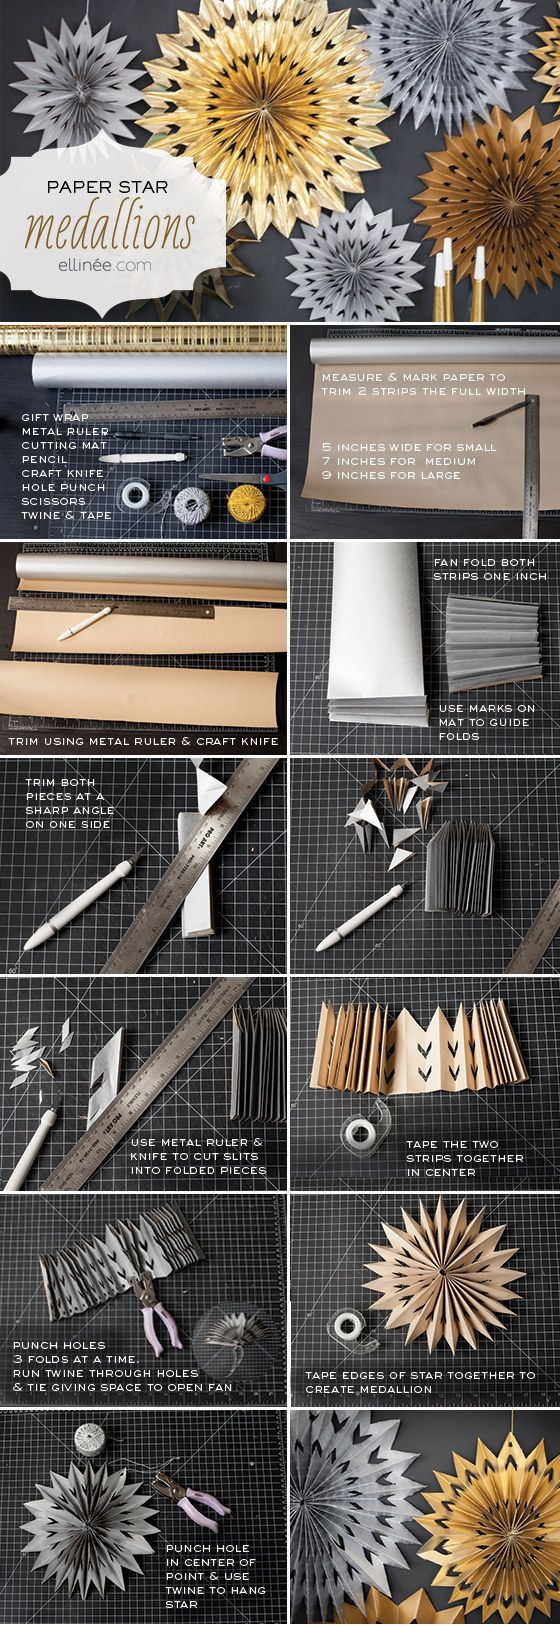 Haz algunos medallones de papel. | 19 formas ingeniosas de usar el papel de regalo que te sobra